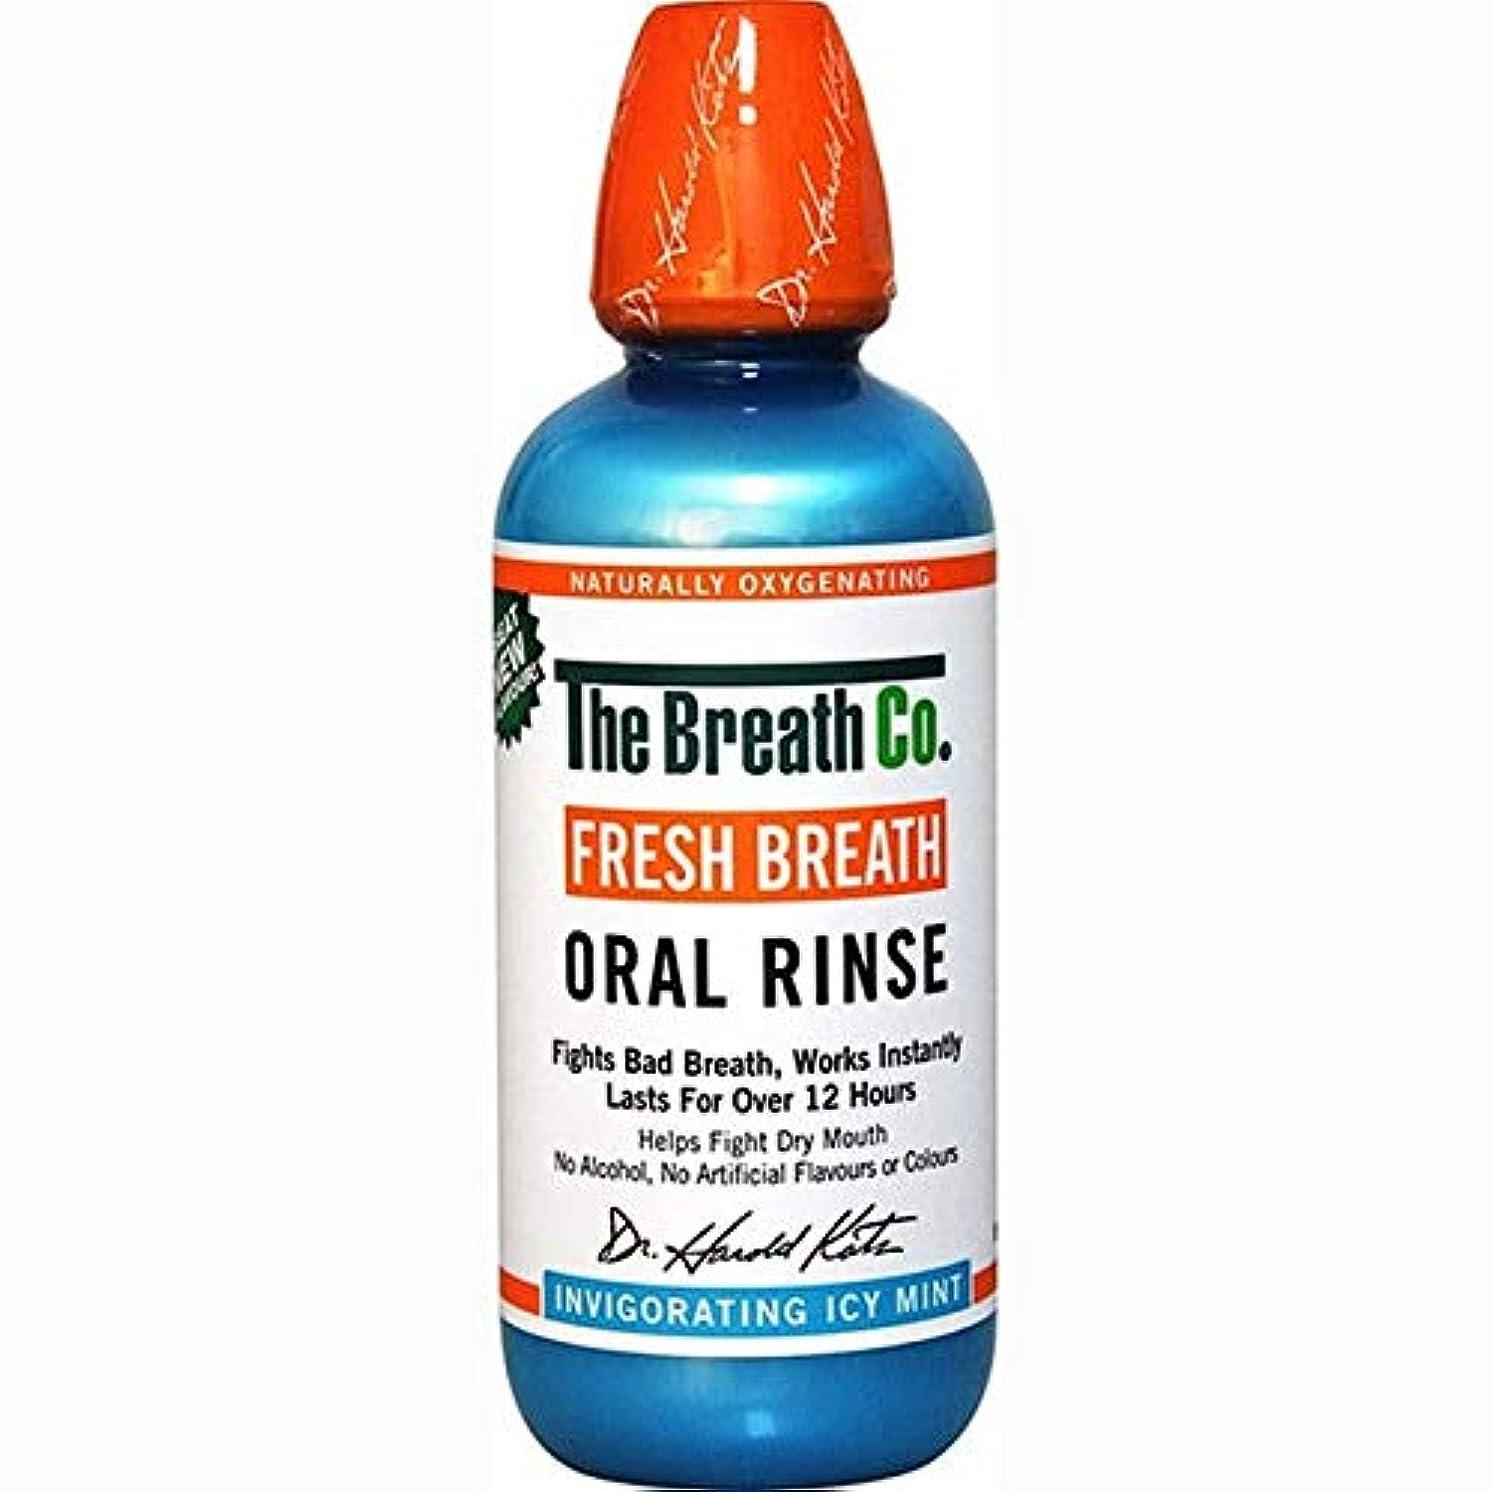 二十コーチ項目[The Breath Co] 息のCo新鮮な息口腔リンス氷のミント500ミリリットル - The Breath Co Fresh Breath Oral Rinse Icy Mint 500ml [並行輸入品]